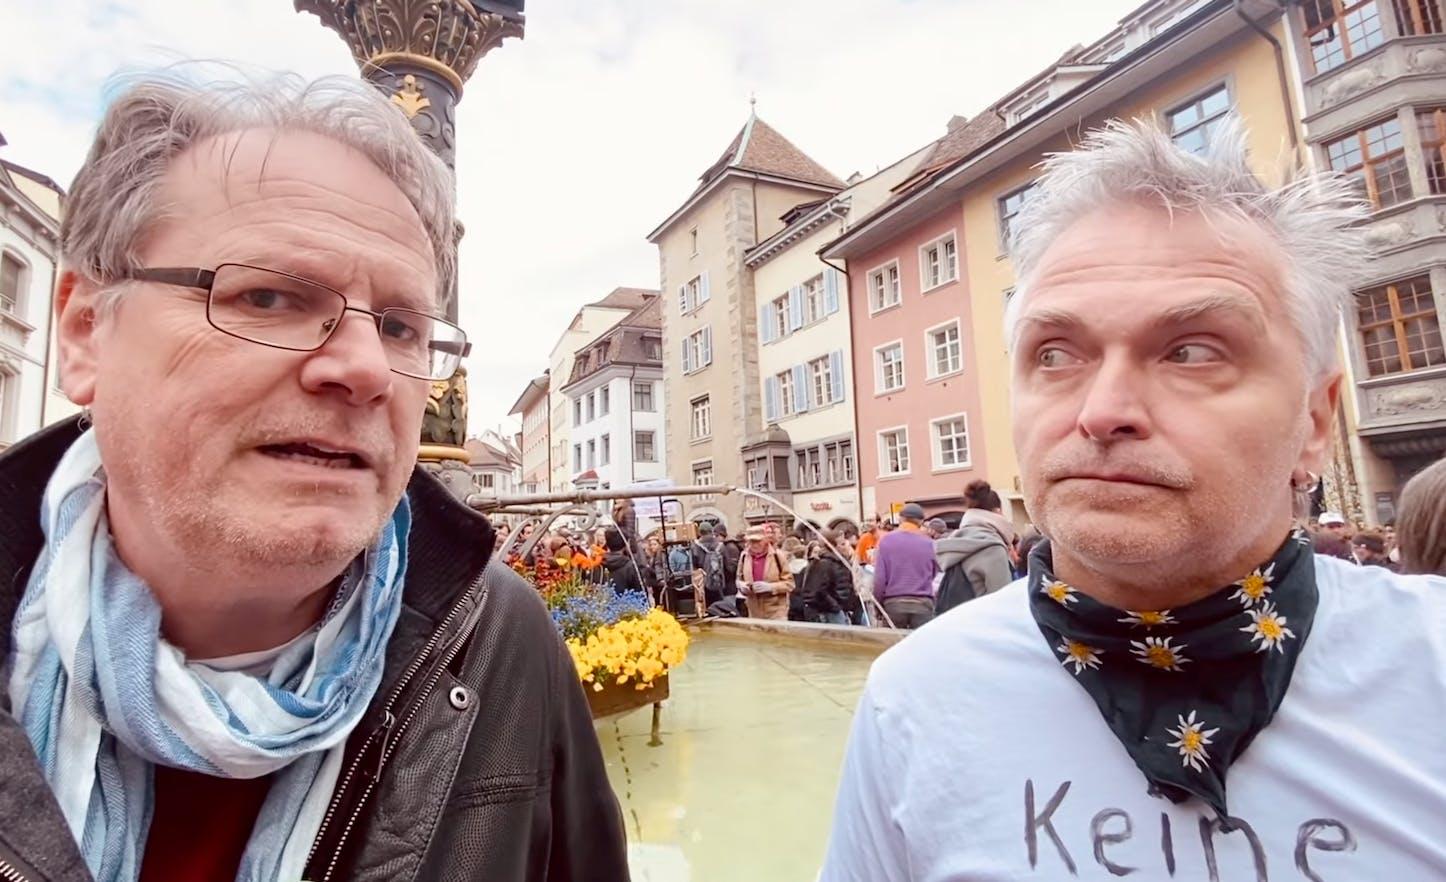 Schweiz: «Es ist unglaublich, mit welcher Rechtskeule da ausgeholt wird»